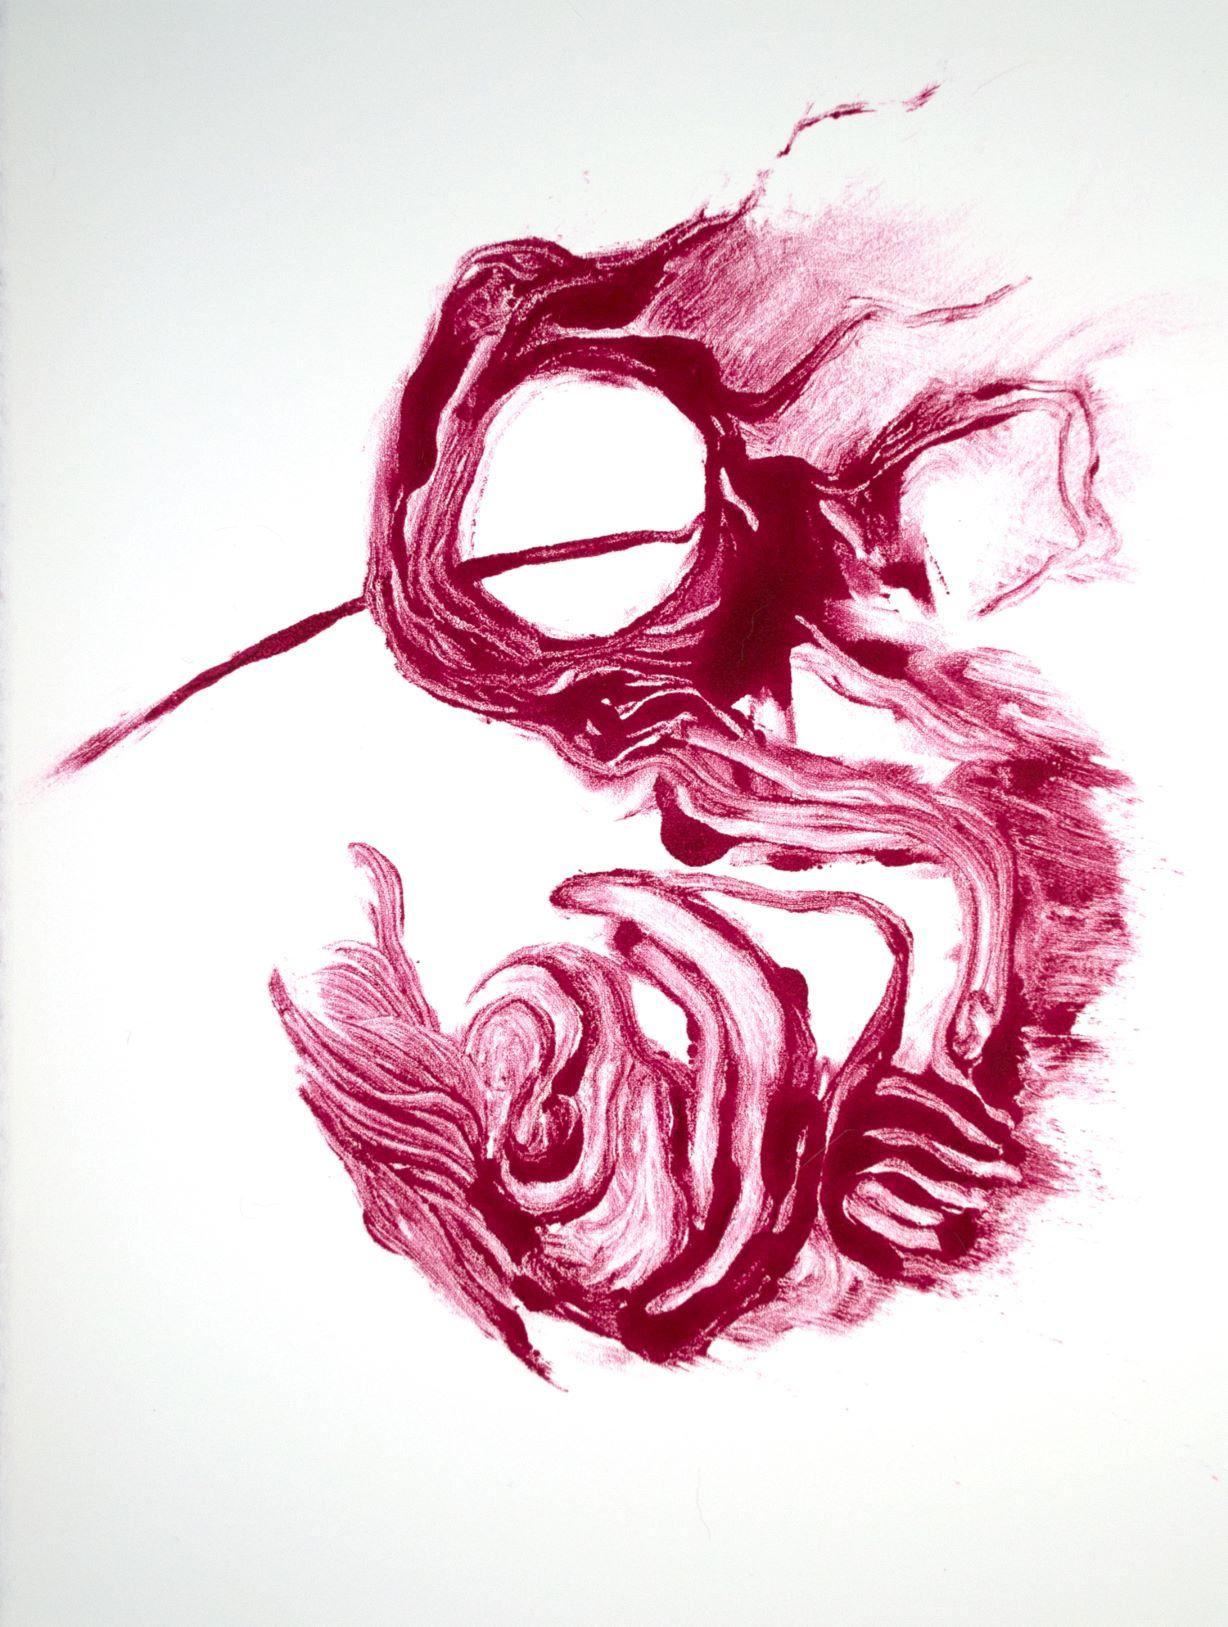 Monotype in Quinacridone Magenta and Cadmium Red, 7.Jan.2018